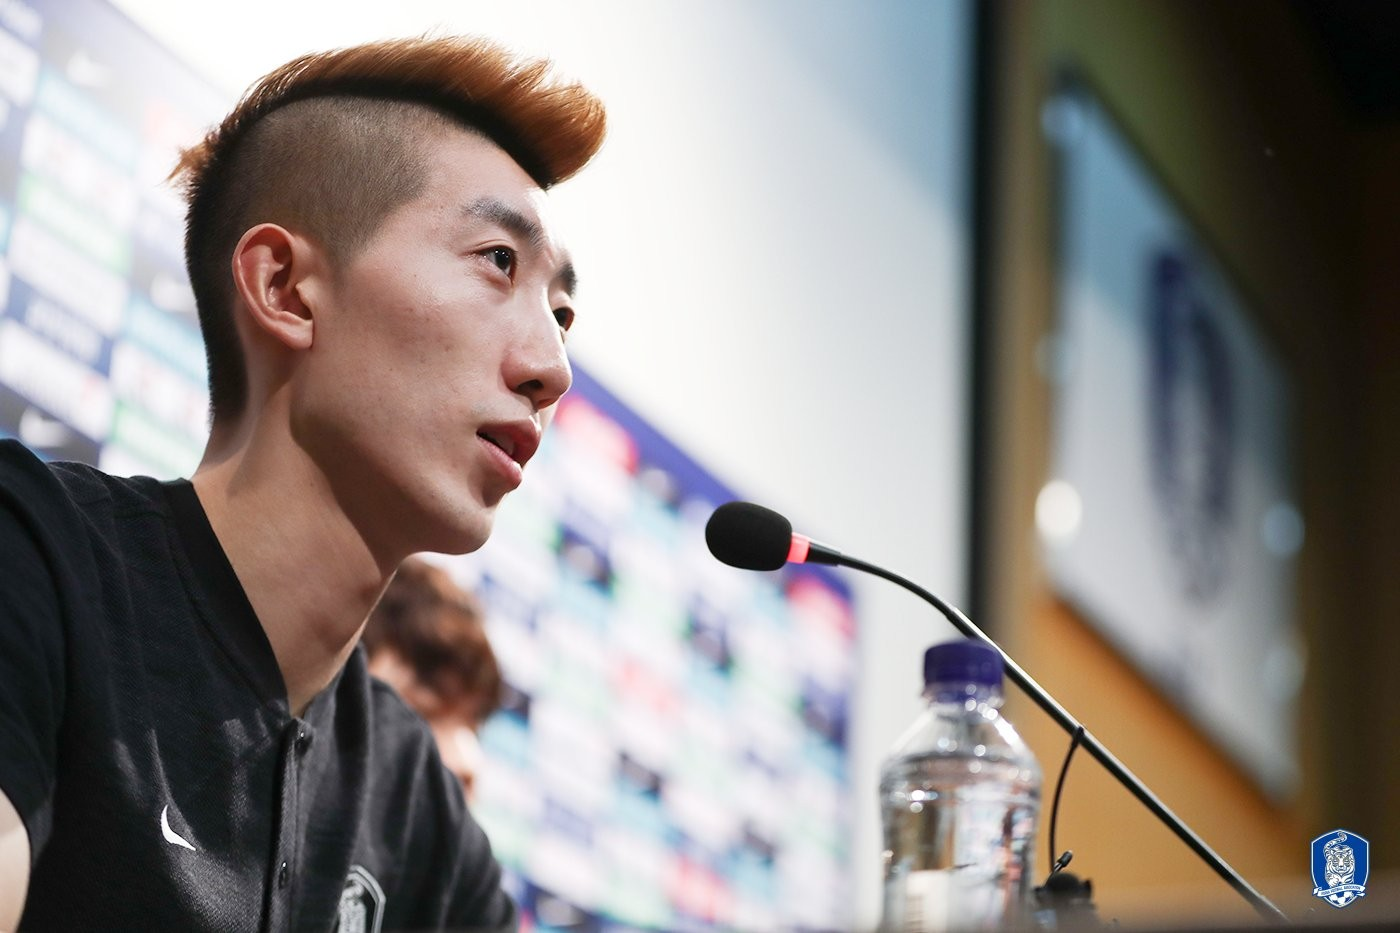 韩国国家队赵贤祐等4名球员和1名工作人员感染新冠